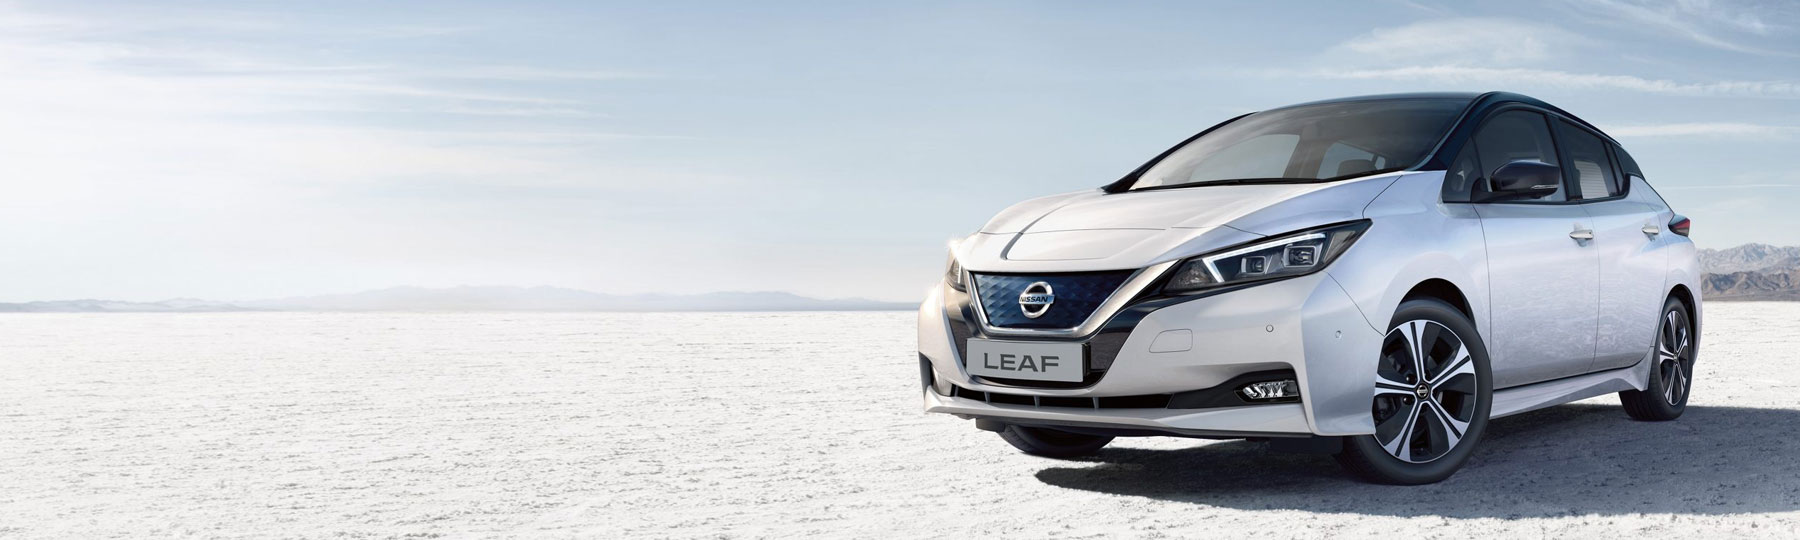 New Nissan LEAF 2.Zero